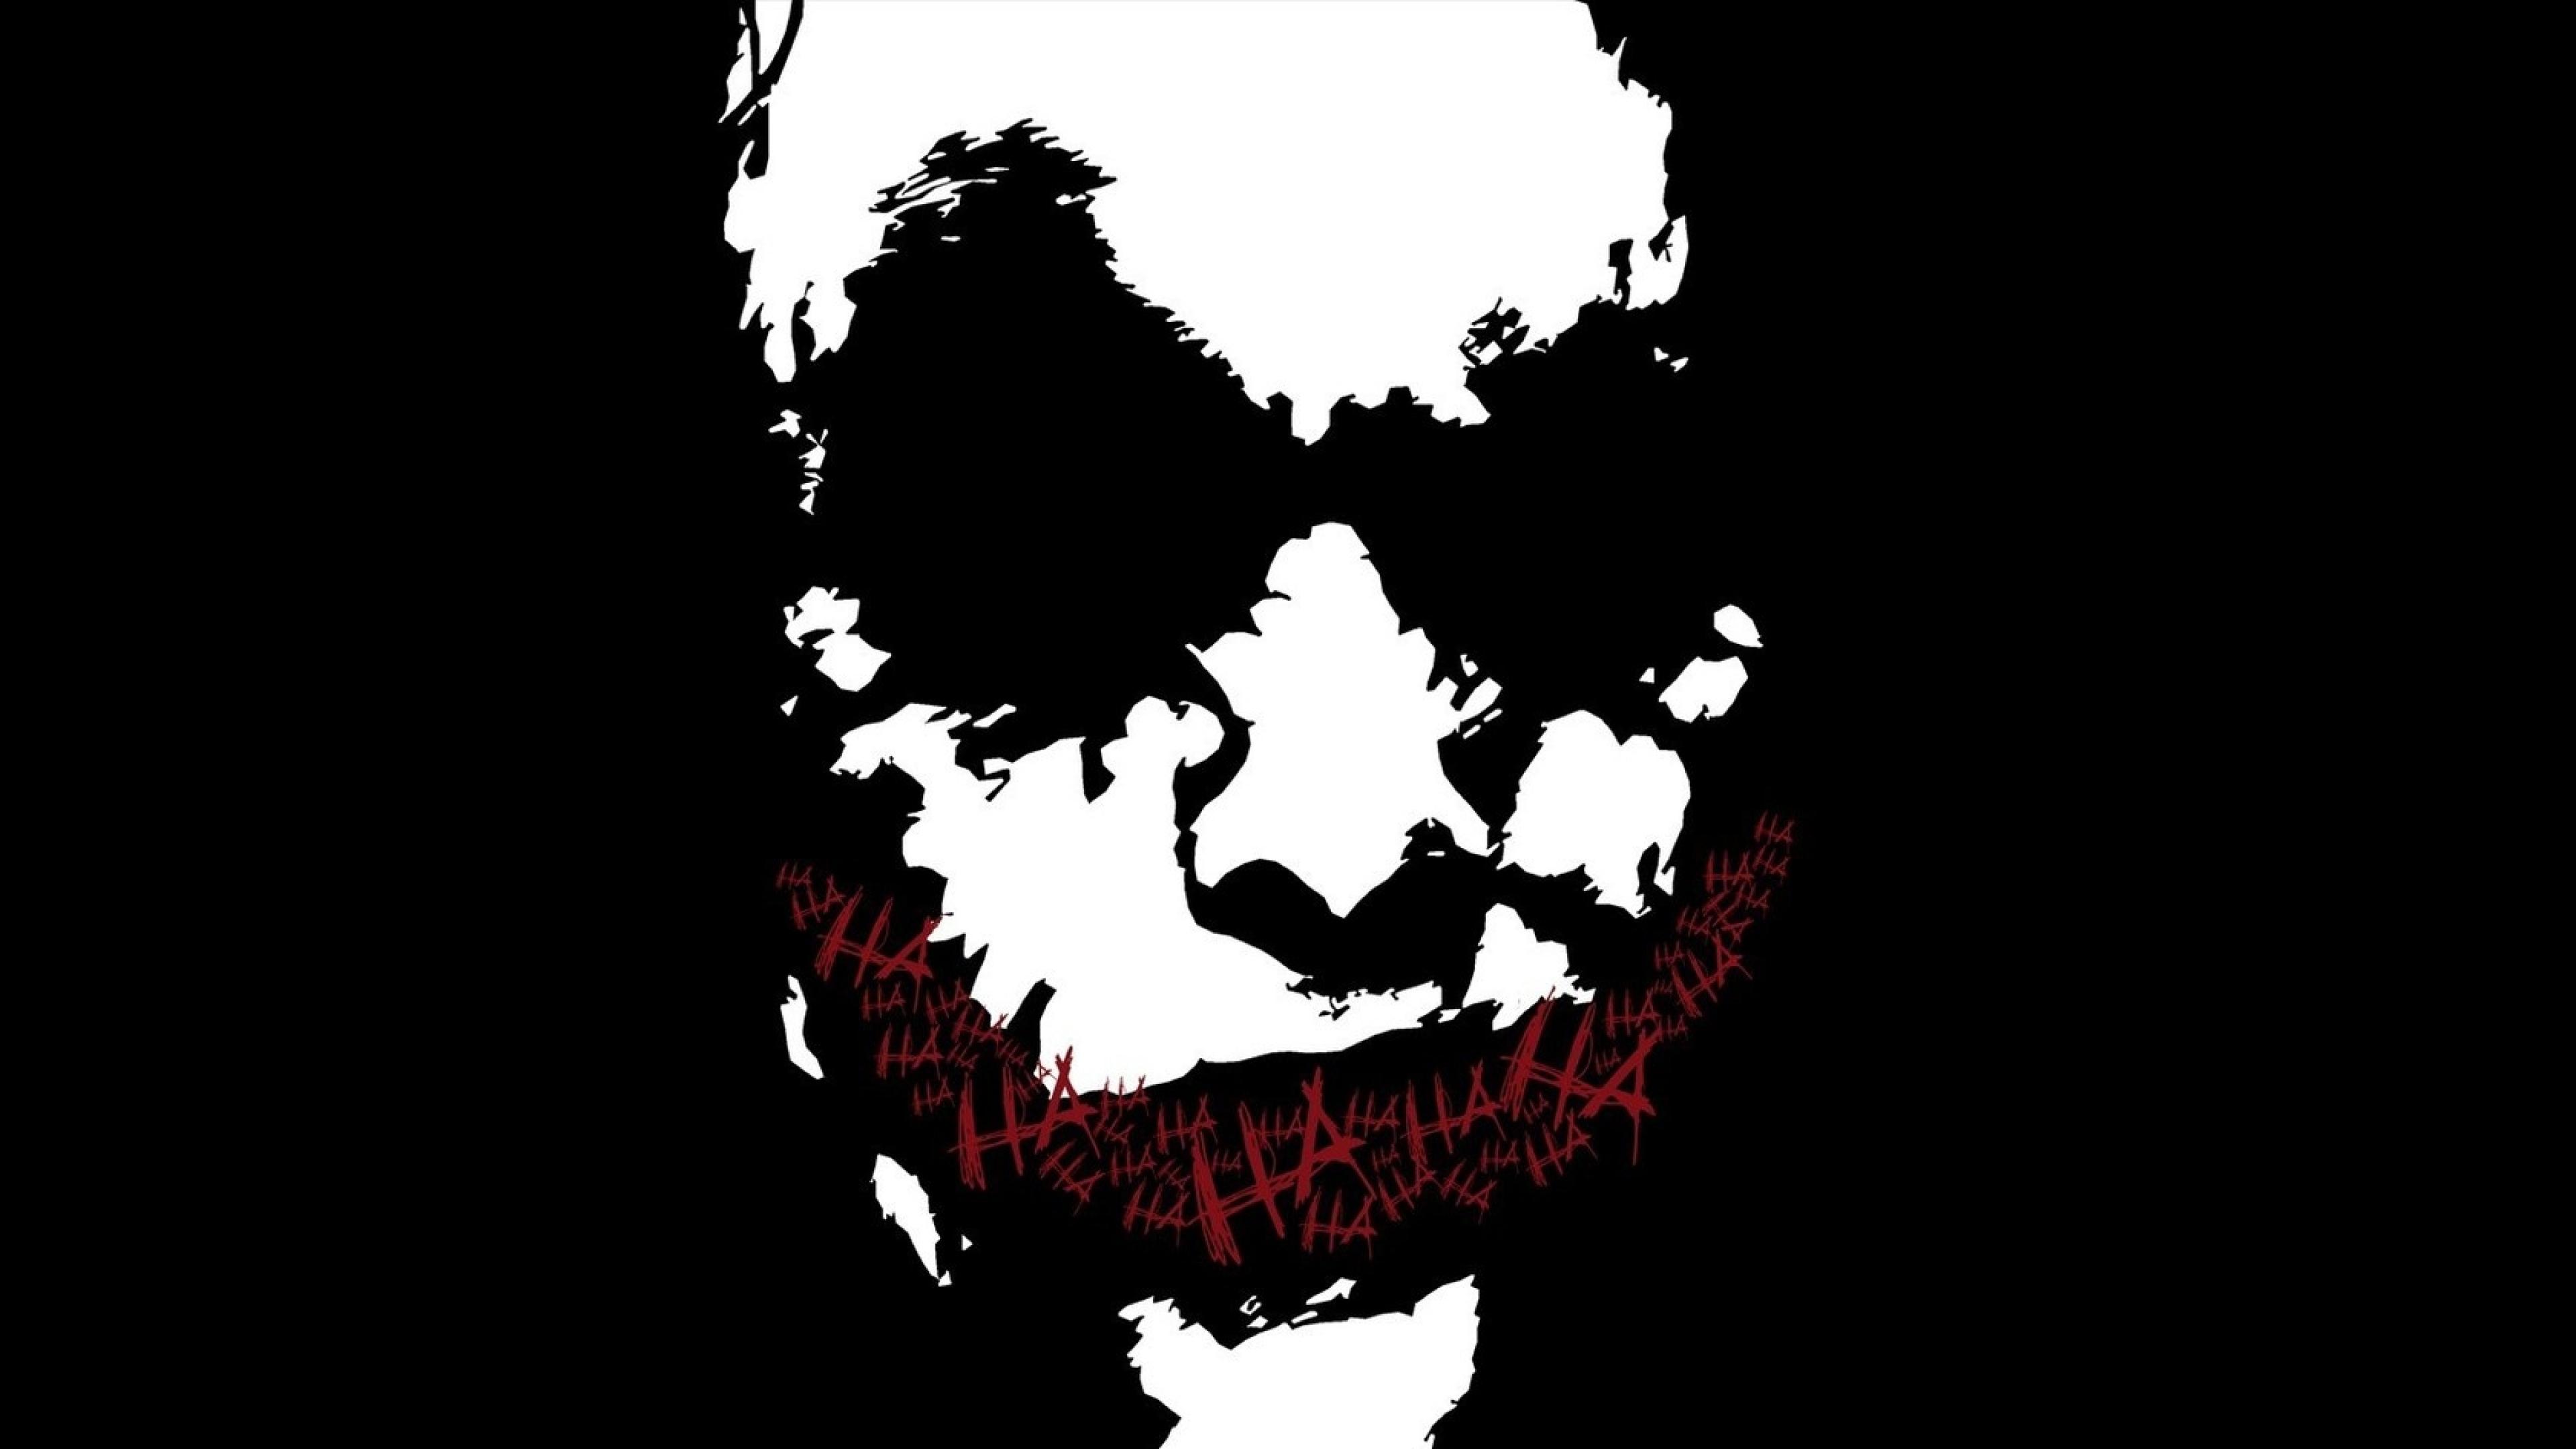 Drawing art joker hd artist 4k wallpapers images for Joker wallpaper 4k